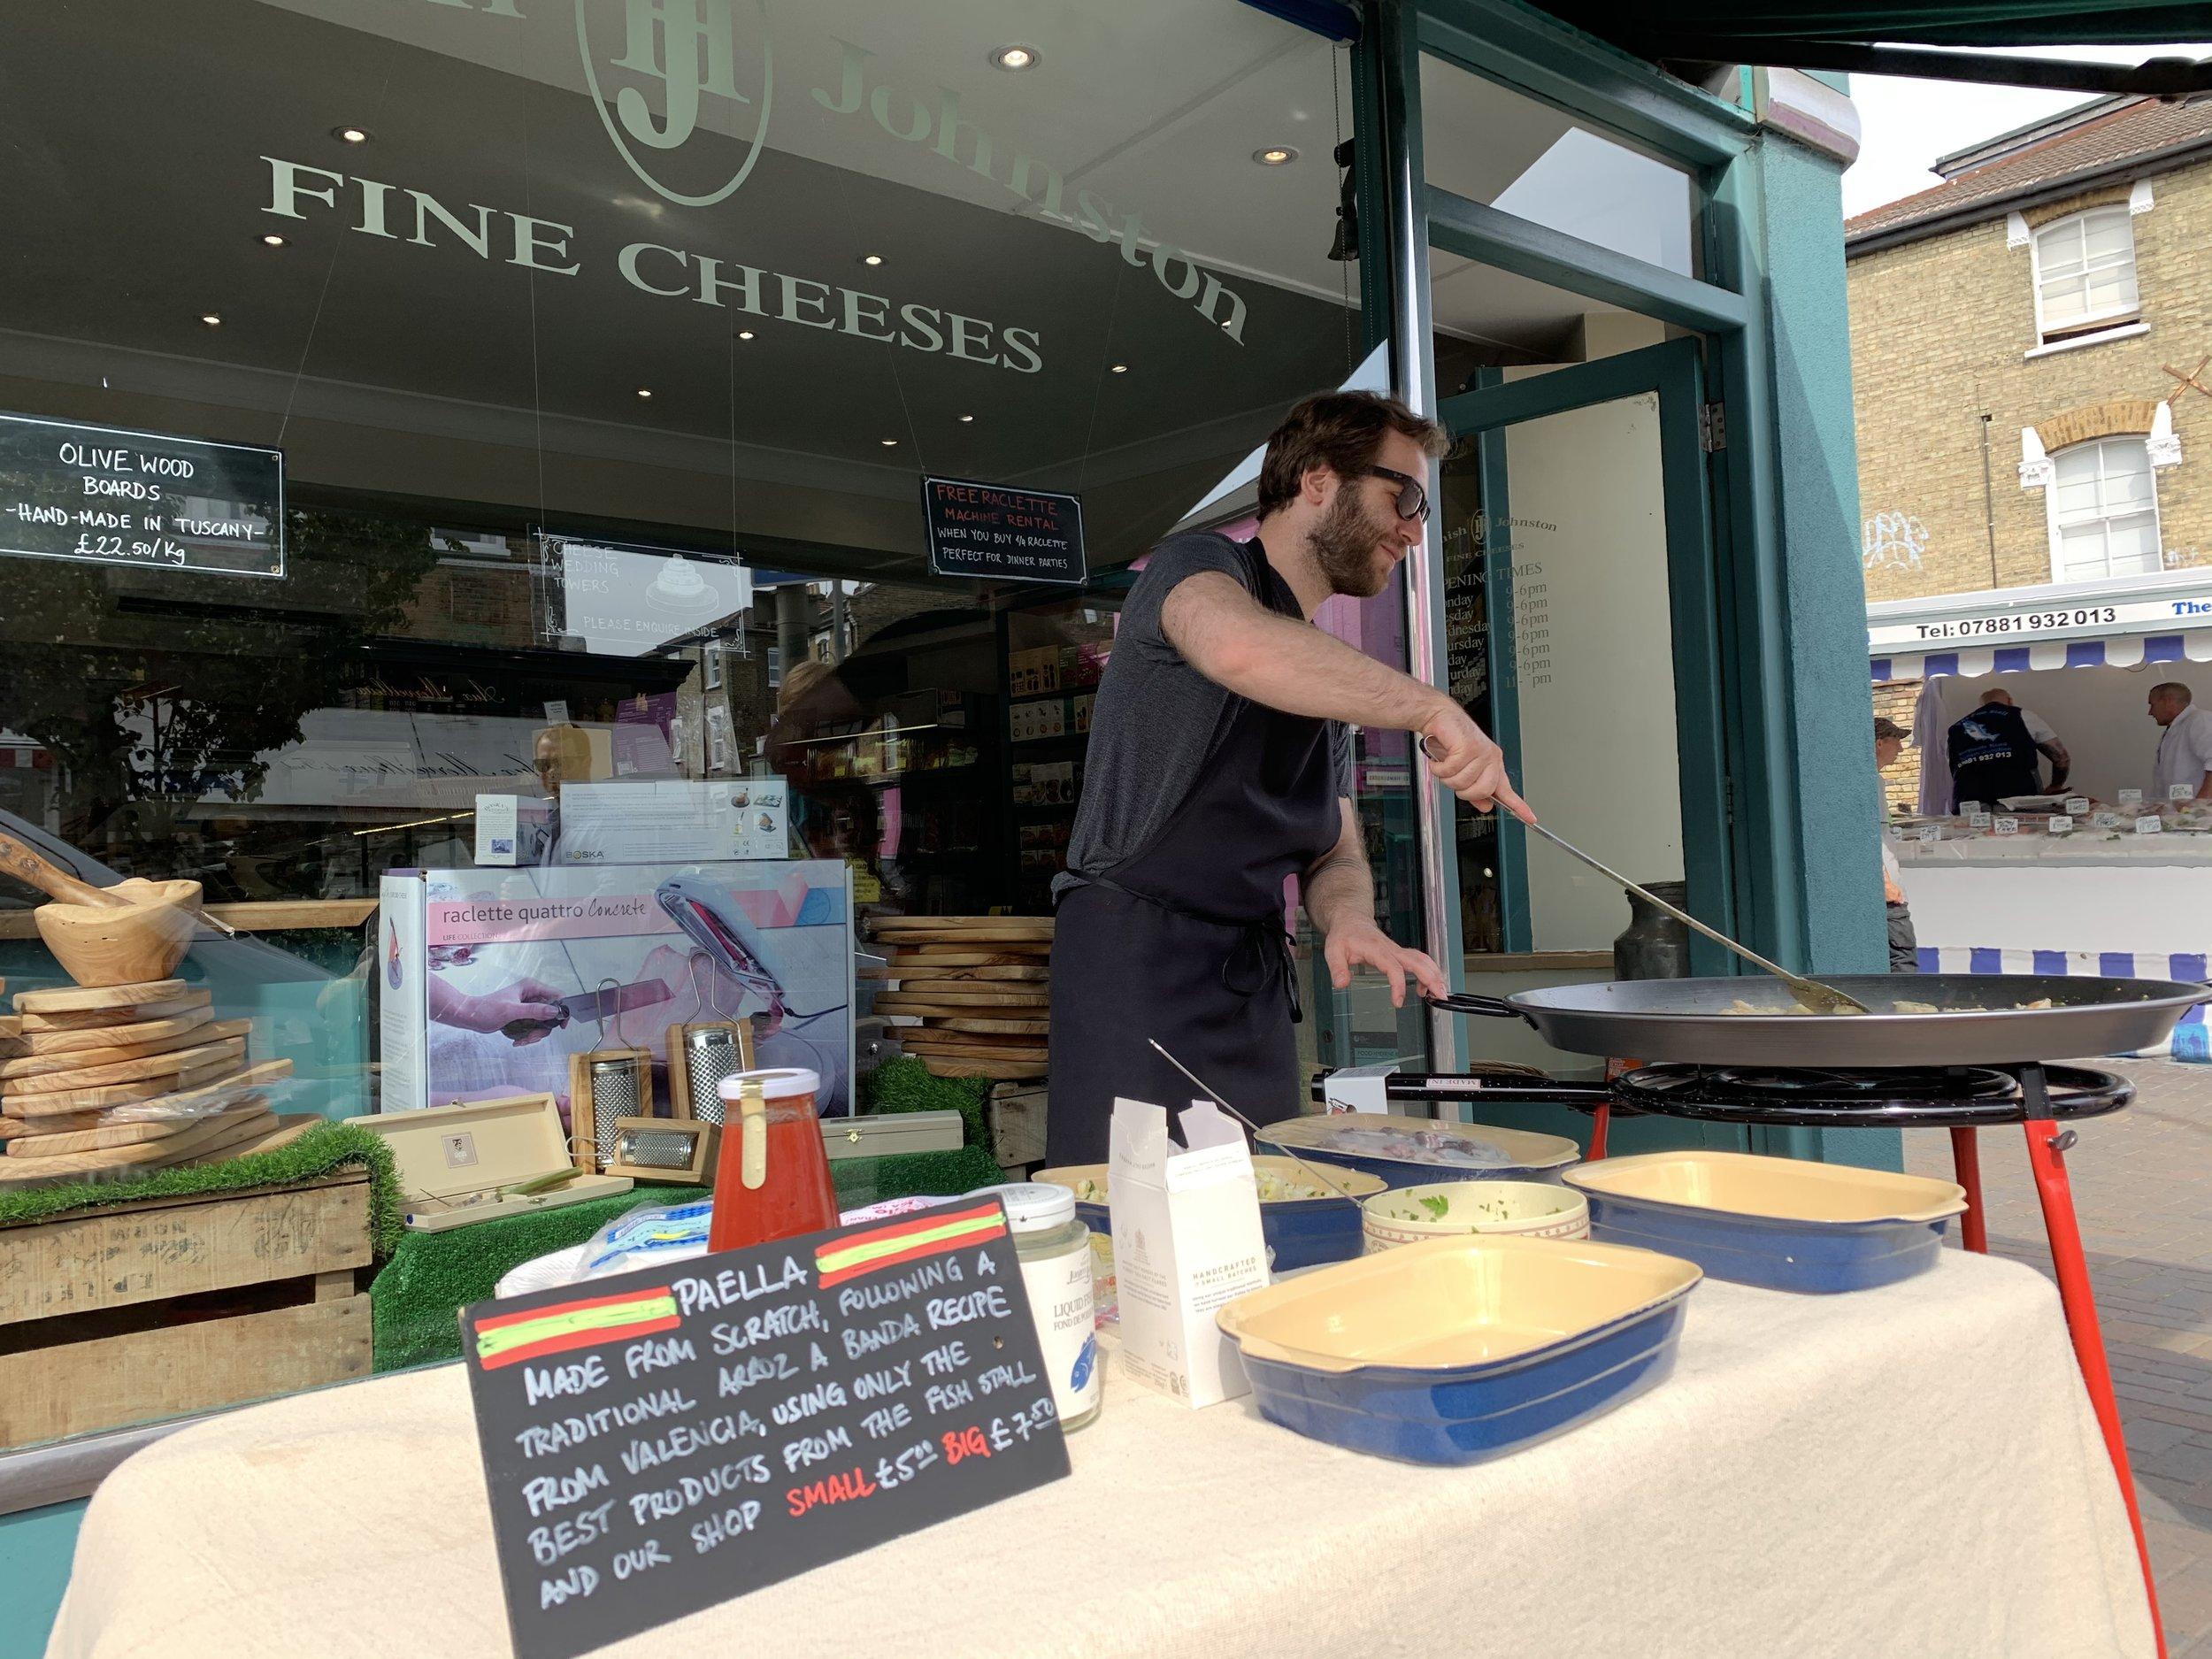 Local paella snob, cheese aficionado and yours truly, Dani